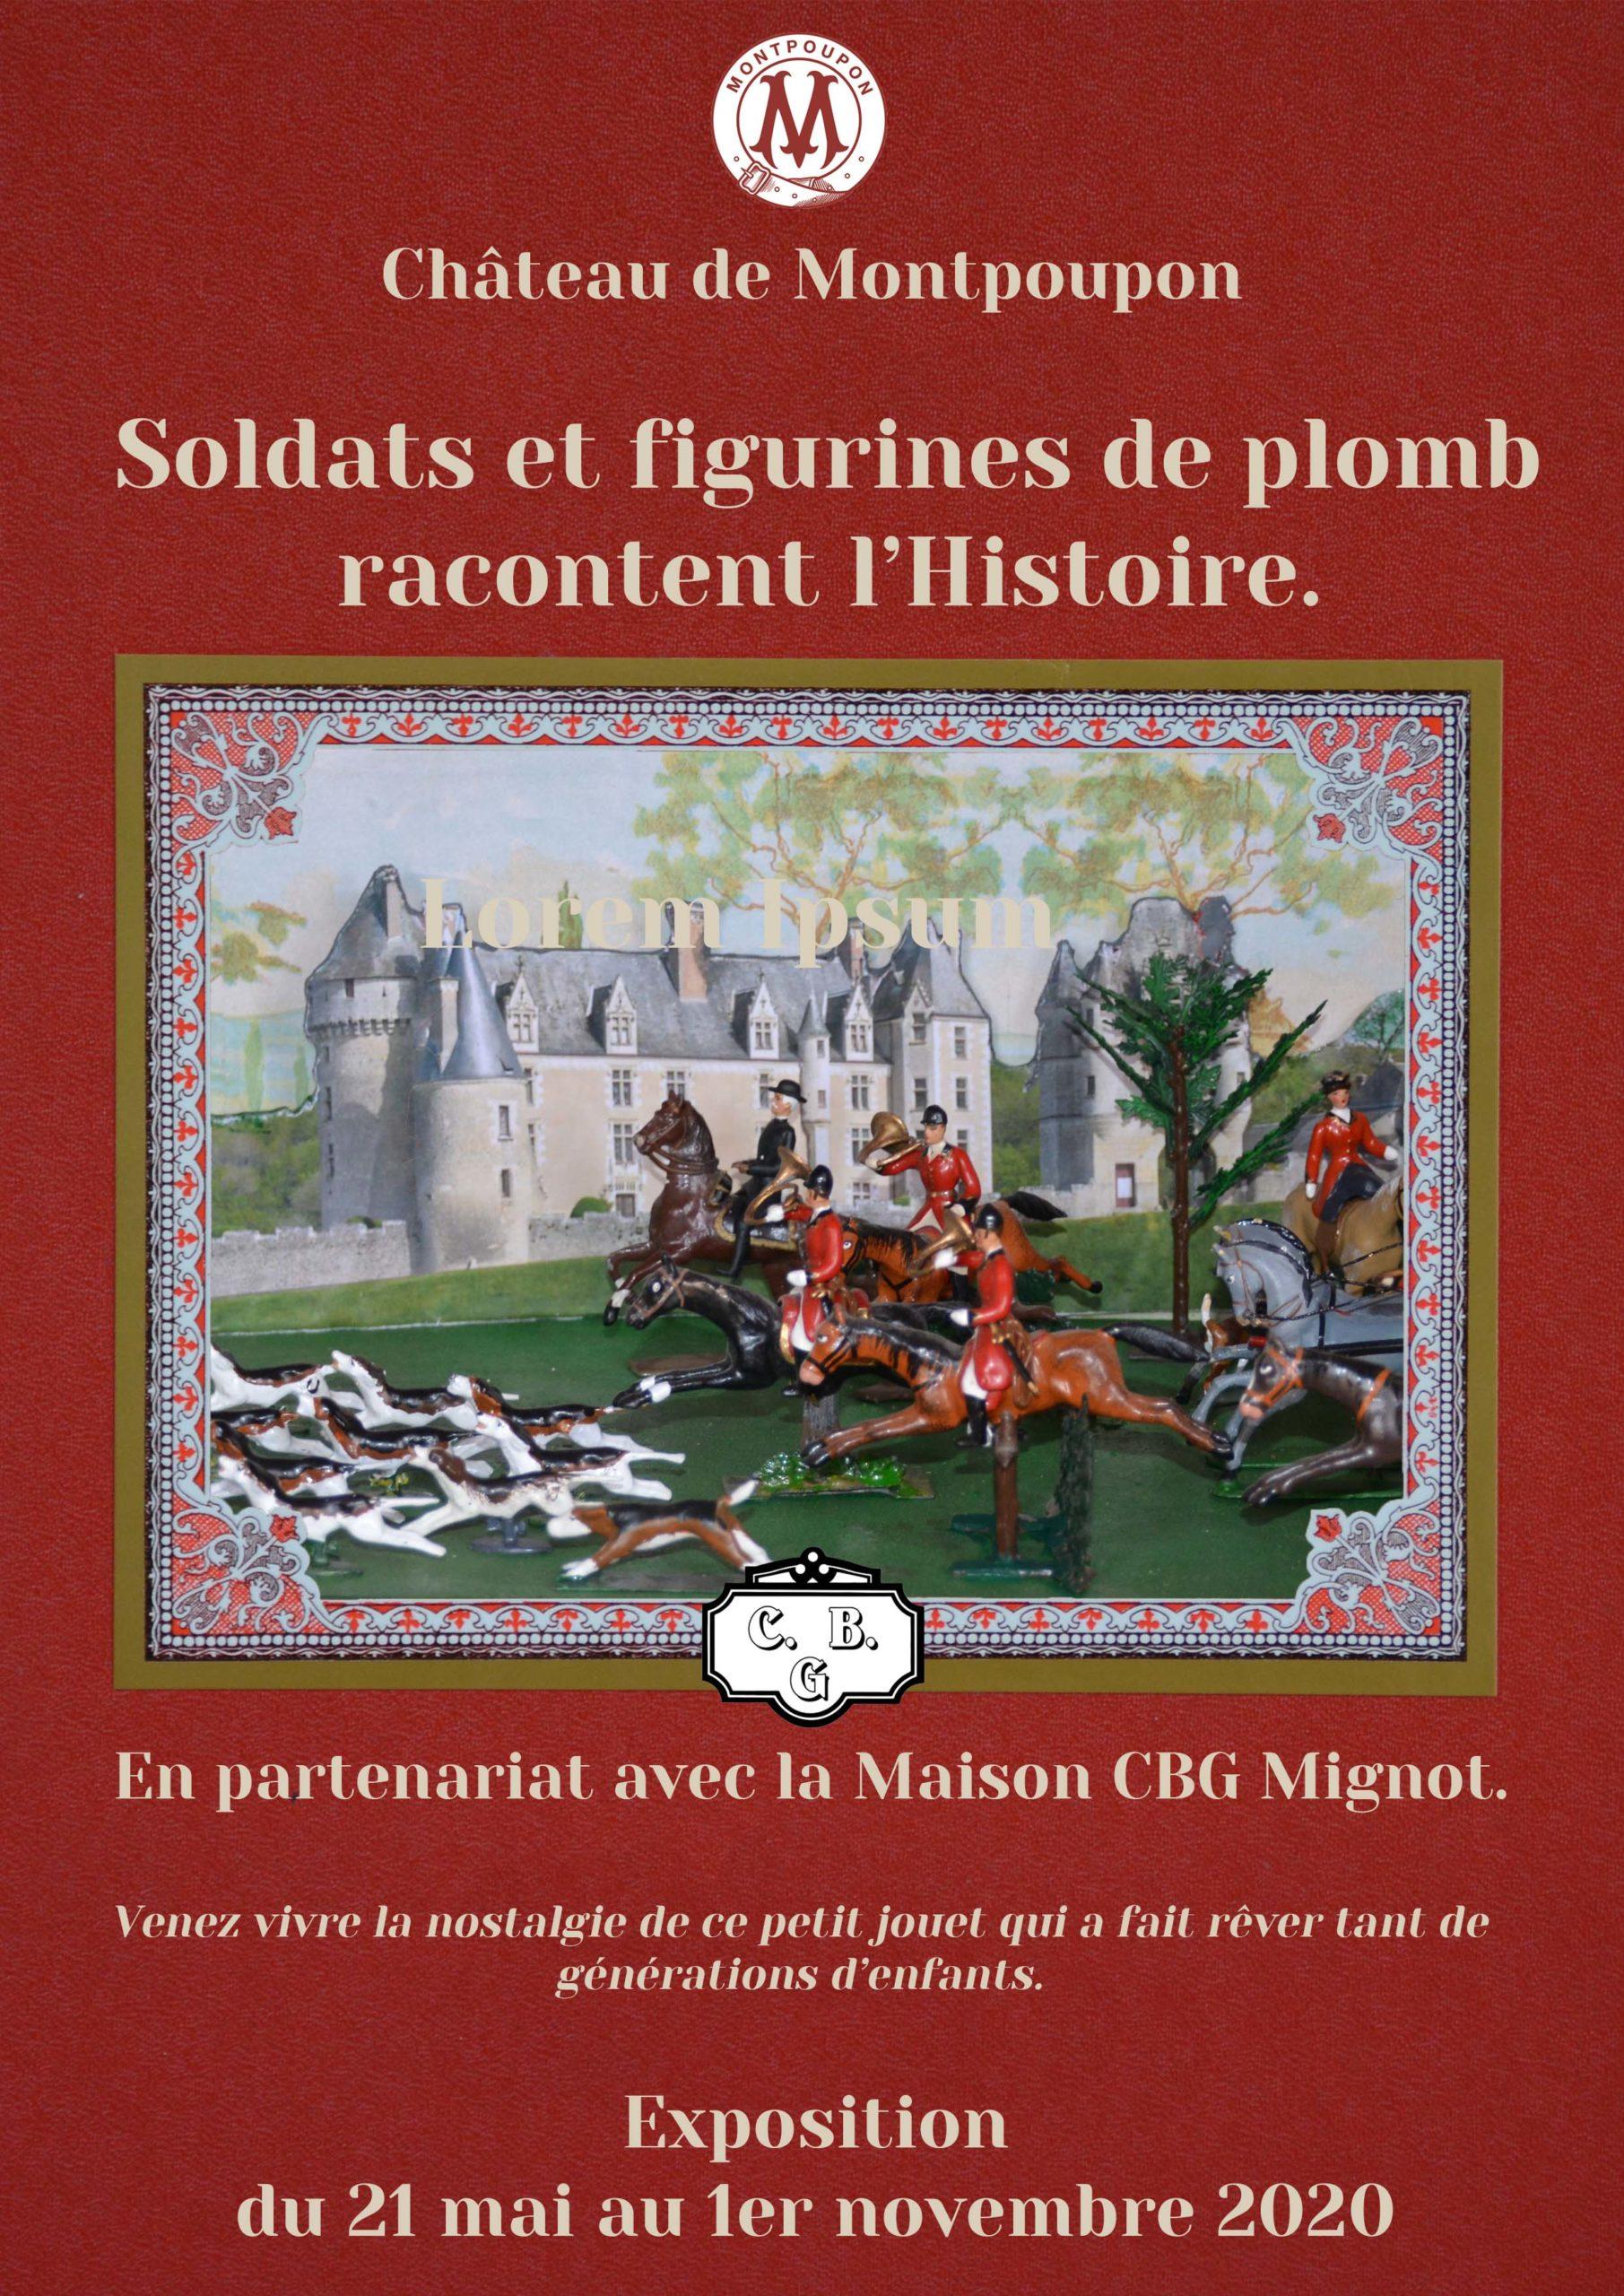 Soldats et figurines de plomb racontent l'Histoire # Montpoupon @ Chateau de Montpoupon | Céré-la-Ronde | Centre-Val de Loire | France